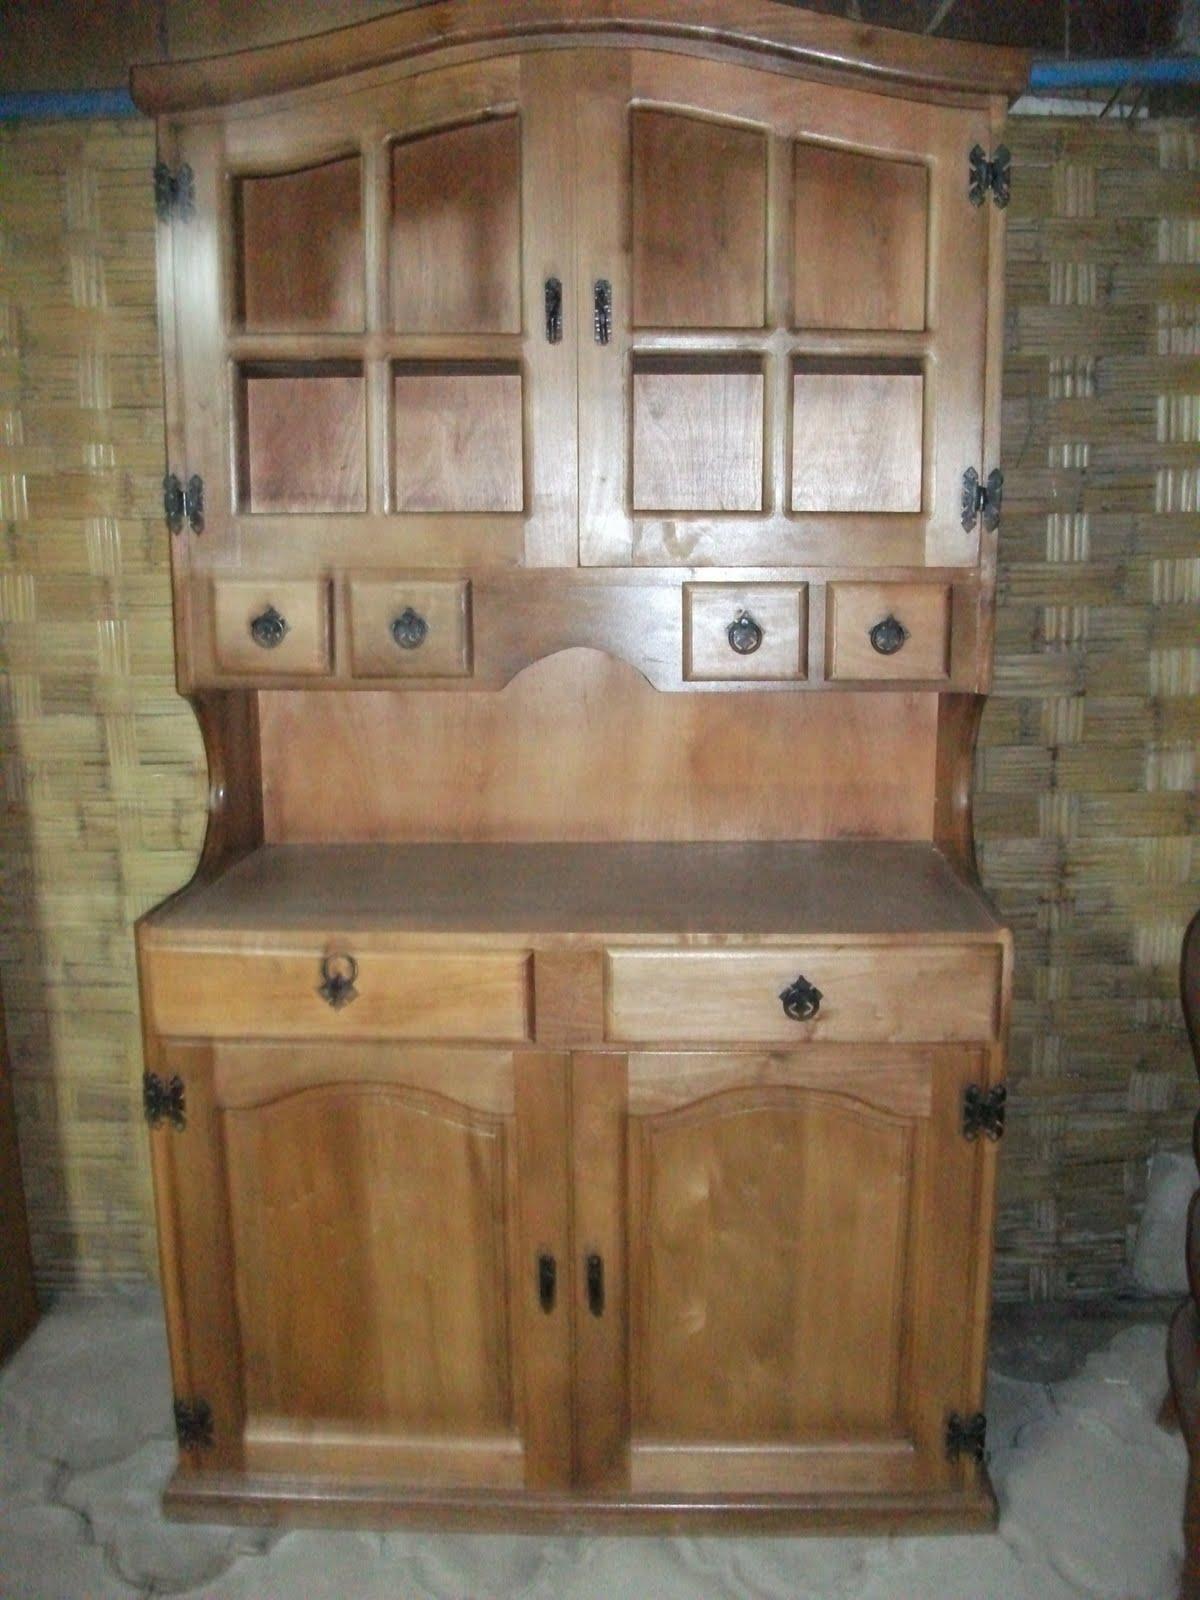 Muebles de Cocina en maderas Rústicas a medida y pedido - imagenes de muebles de cocina rusticos